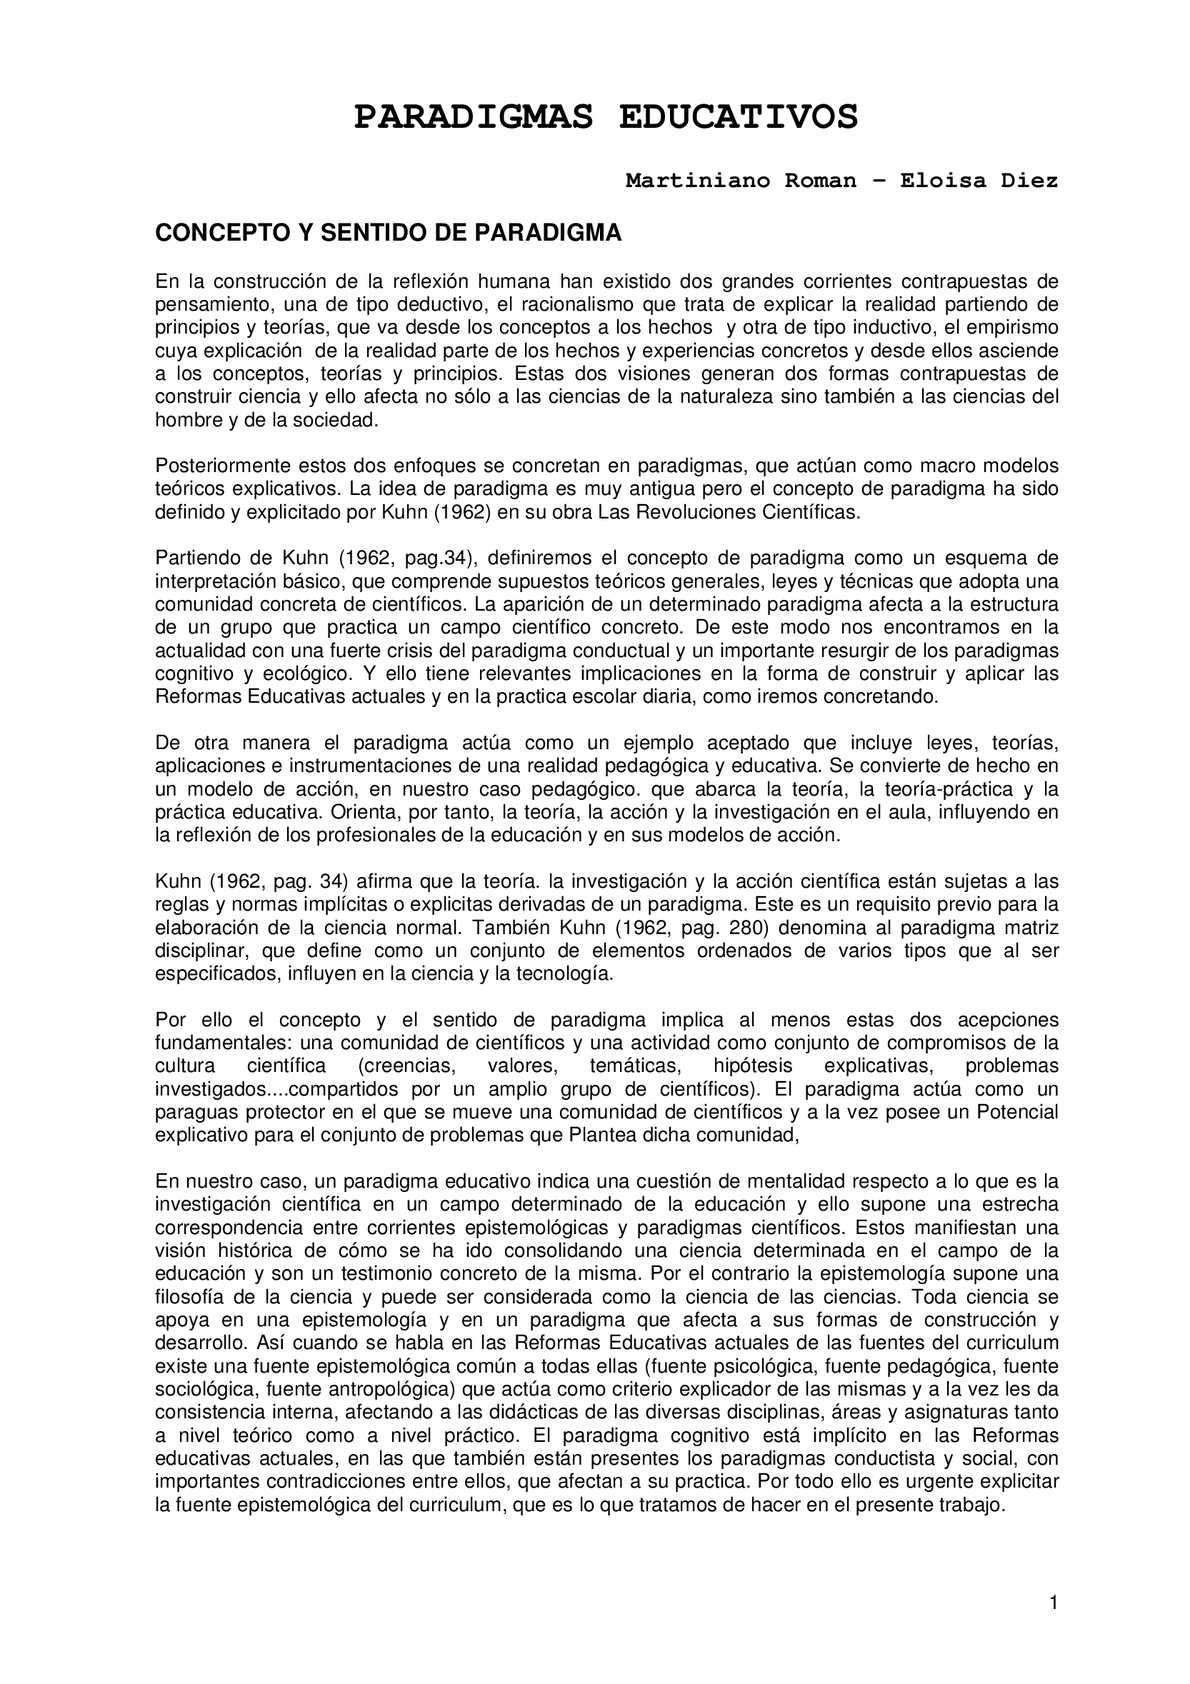 Calaméo - GP - M. ROMAN - PARADIGMAS EDUCATIVOS